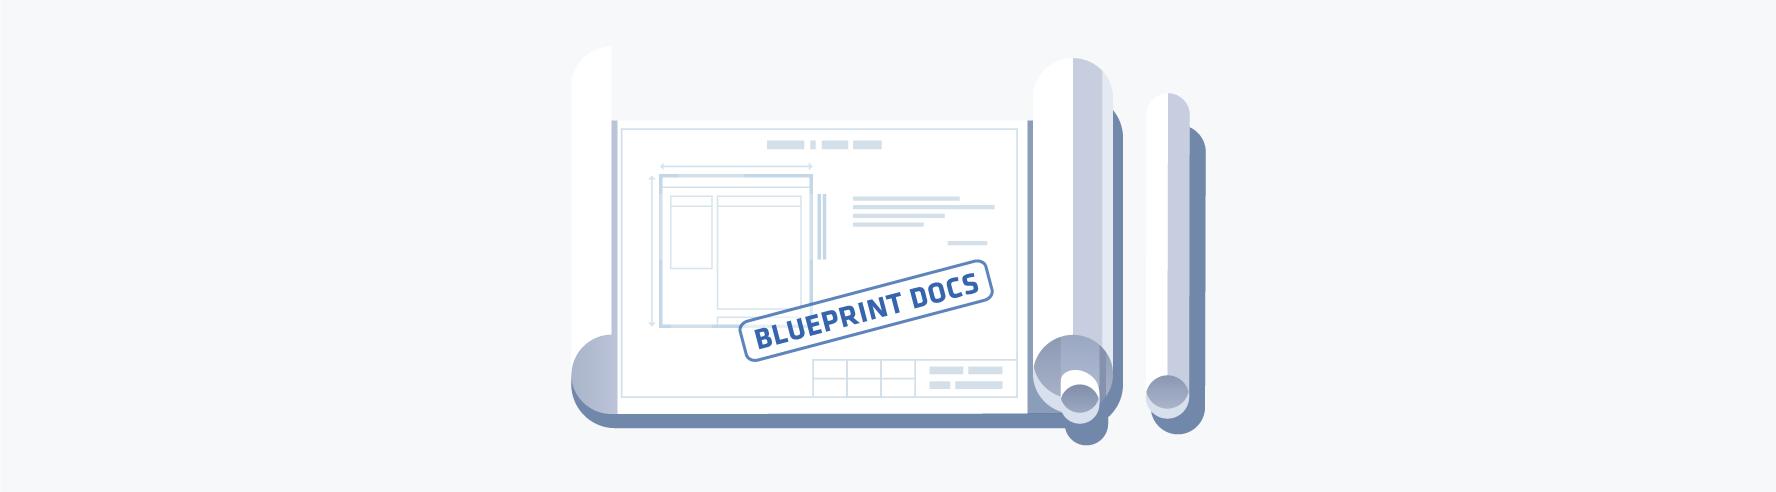 Blueprint Docs